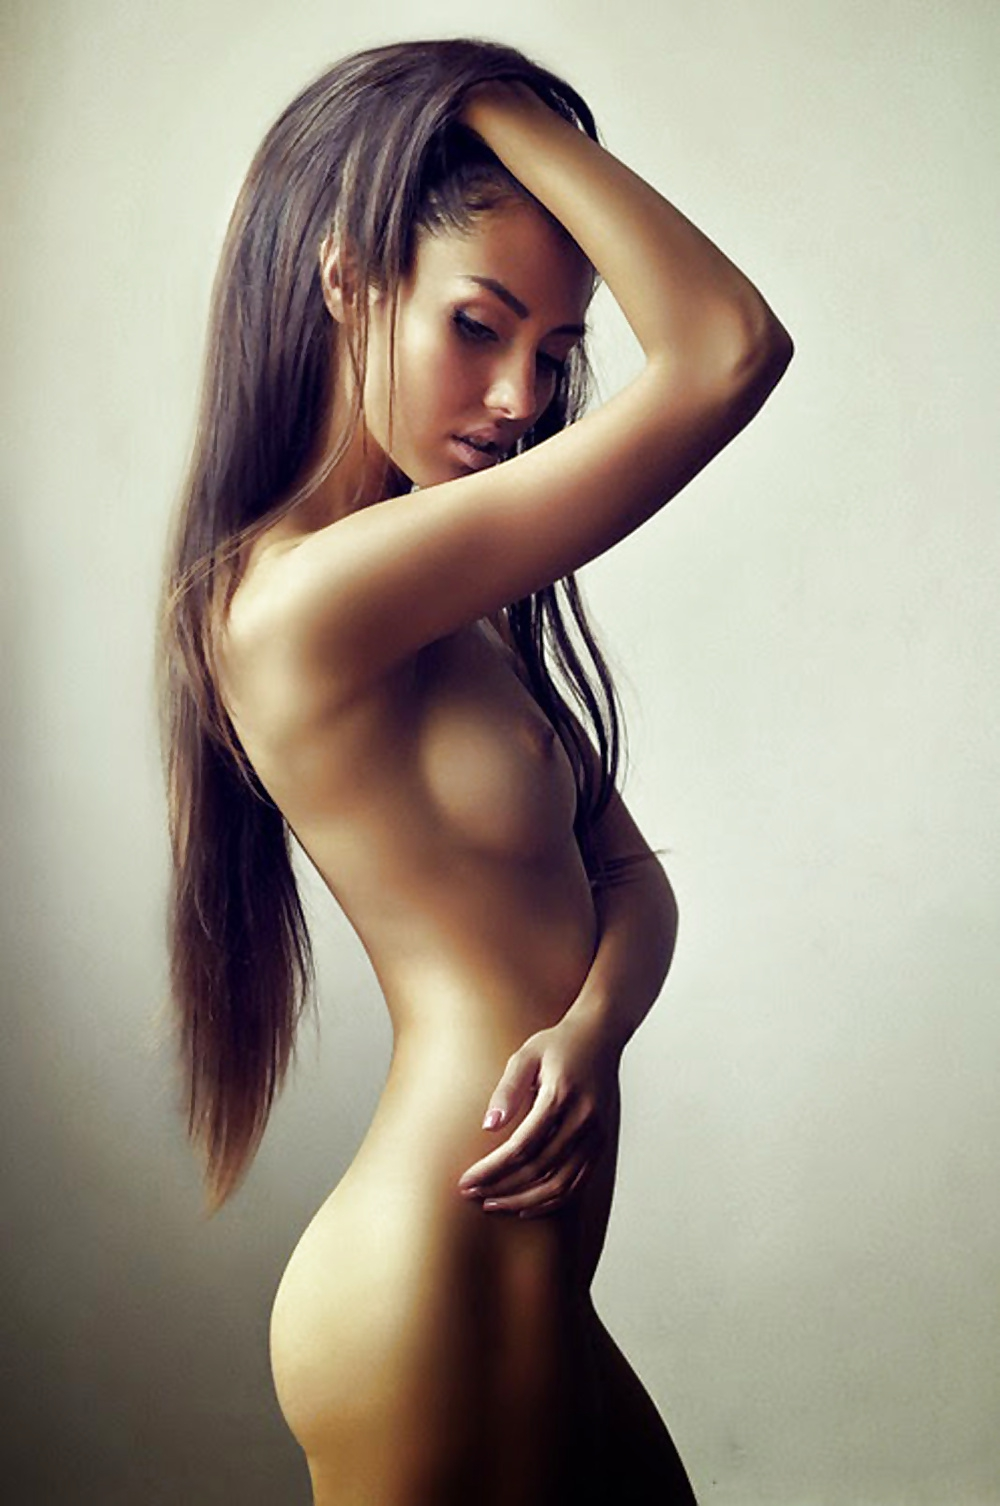 профессиональные фото голых женщин секси